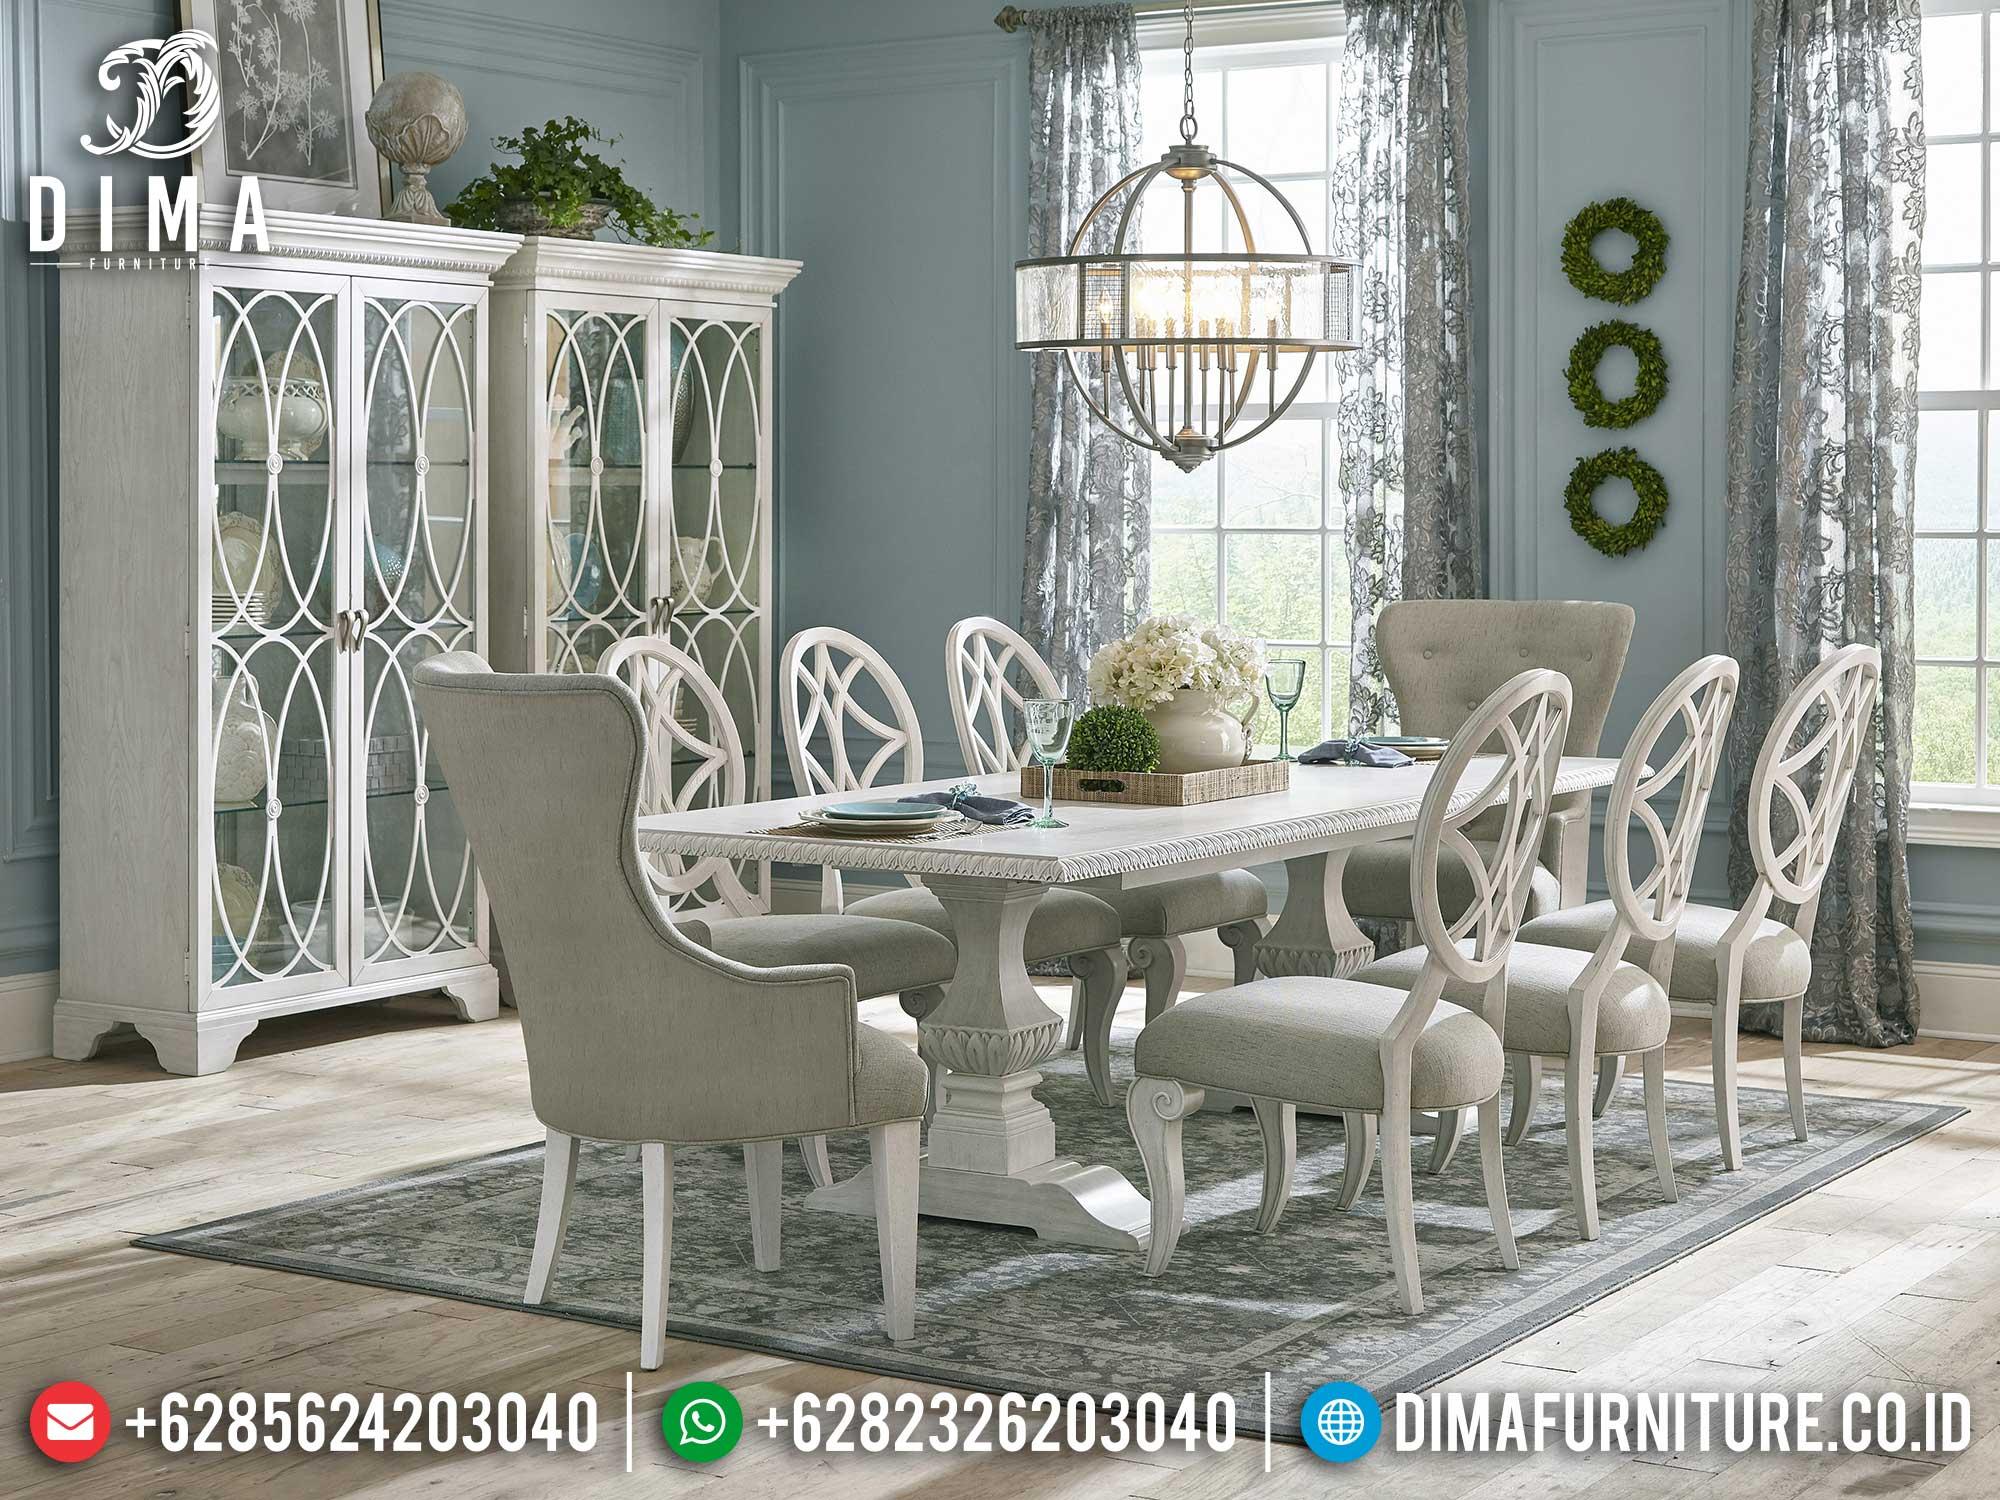 Meja Makan Minimalis Putih, Meja Makan Jepara Simplifield, Furniture Jepara Luxury Mm-1050